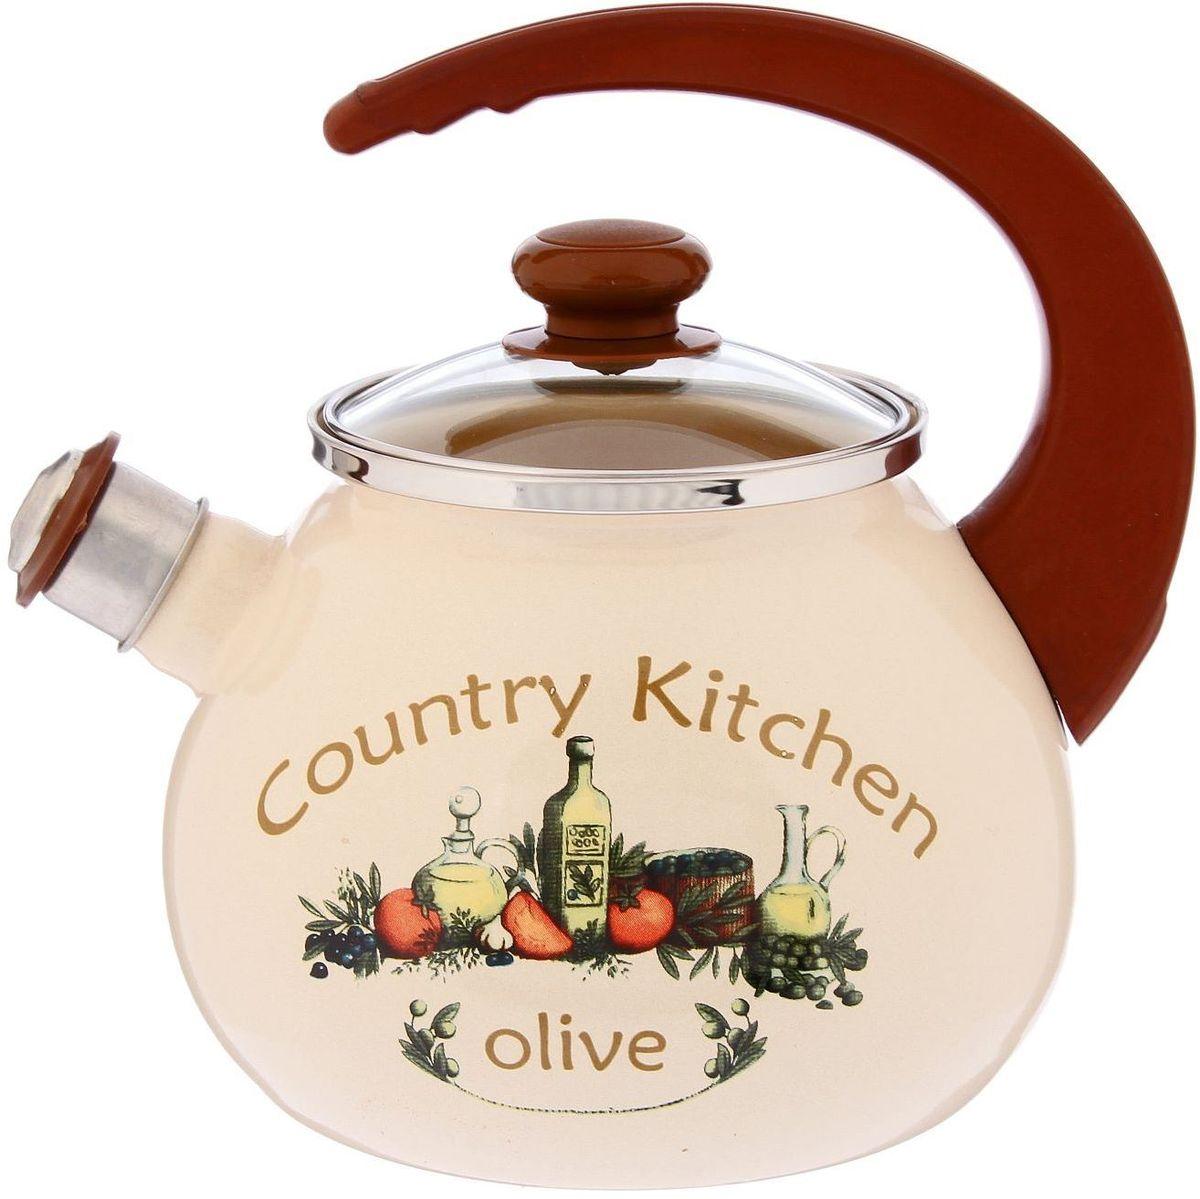 Чайник эмалированный Epos Olive, 2,5 л391602Чайник Epos Olive выполнен из высококачественной стали с эмалированным покрытием. Изделие оснащено стеклянной крышкой и свистком.Поверхность чайникагладкая, что облегчает уход за ним. Большой объемпозволит приготовить напиток для всей семьи илинебольшой компании. Эстетичный и функциональный чайник будеторигинально смотреться в любом интерьере. Чайник подходит для использования на всех типах плит,включая индукционные. Объем: 2,5 л.